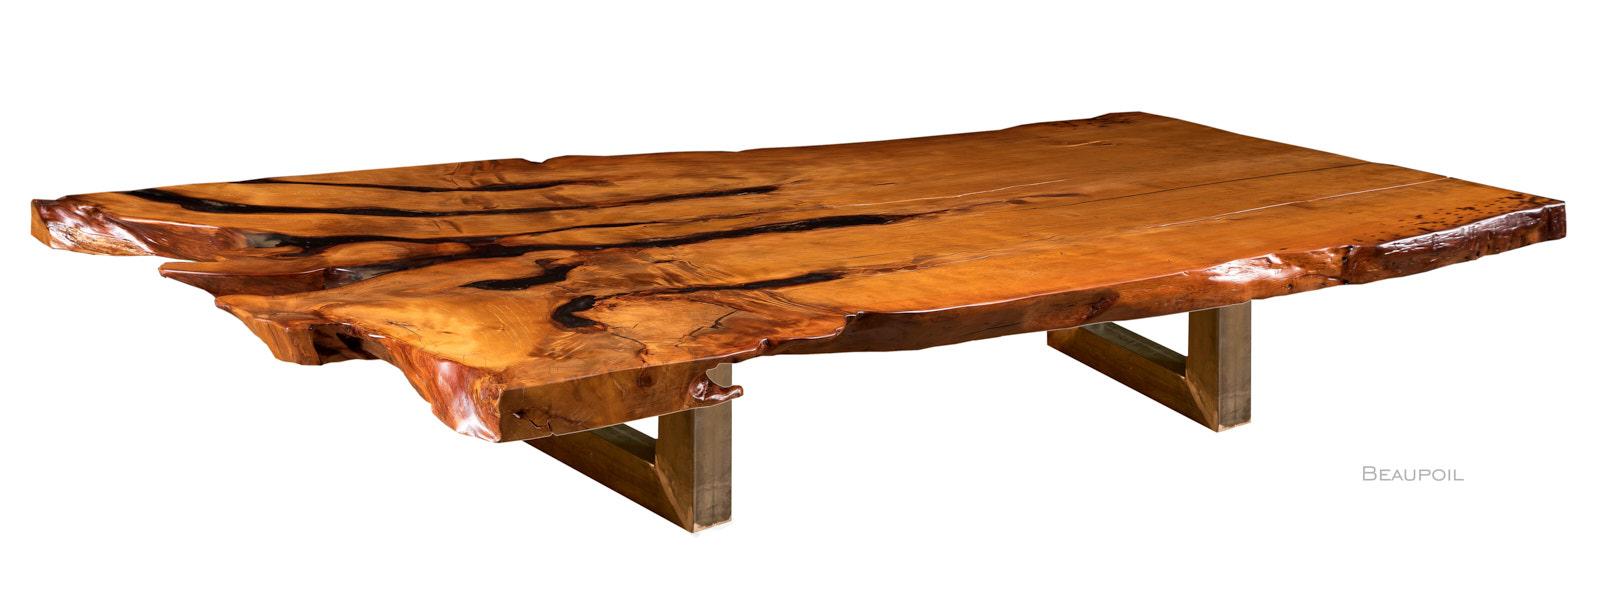 Außergewöhnlicher Kauri Baumtisch als herausragender Konferenztisch mit besonderer Tischplatte, ein handgefertigtes Unikat